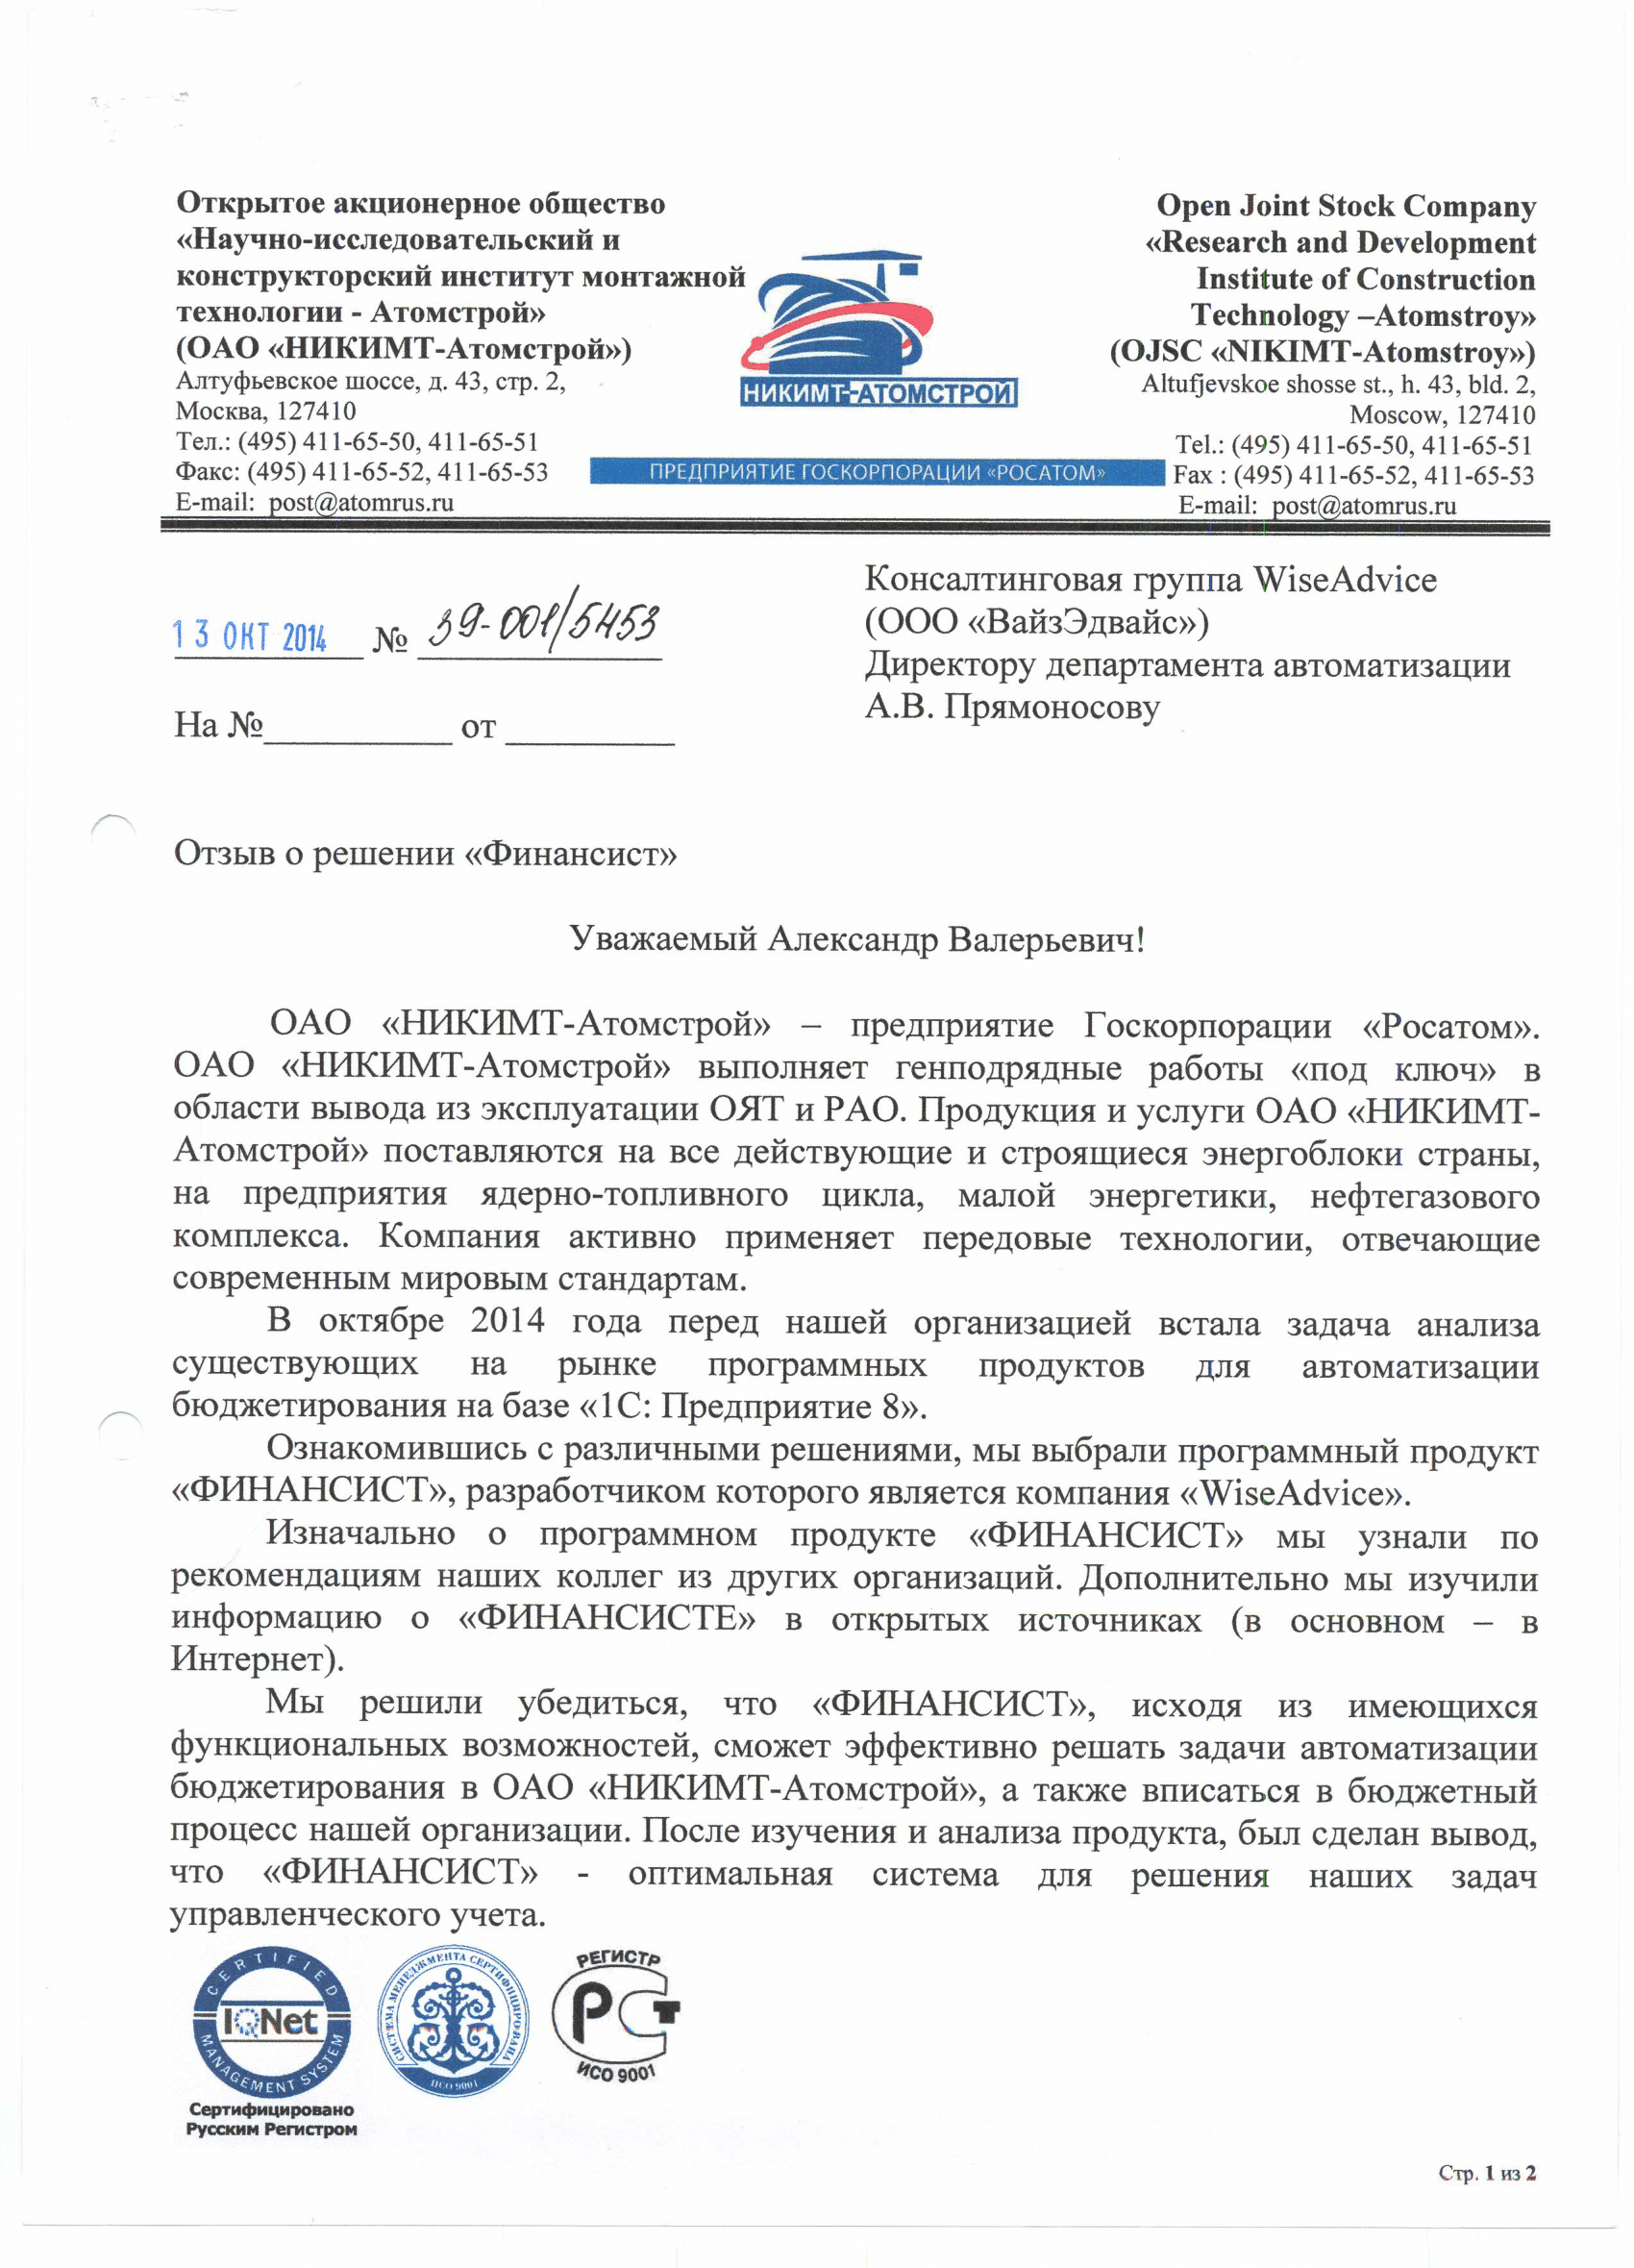 Научно-исследовательский и конструкторский институт монтажной технологии — Атомстрой отзыв